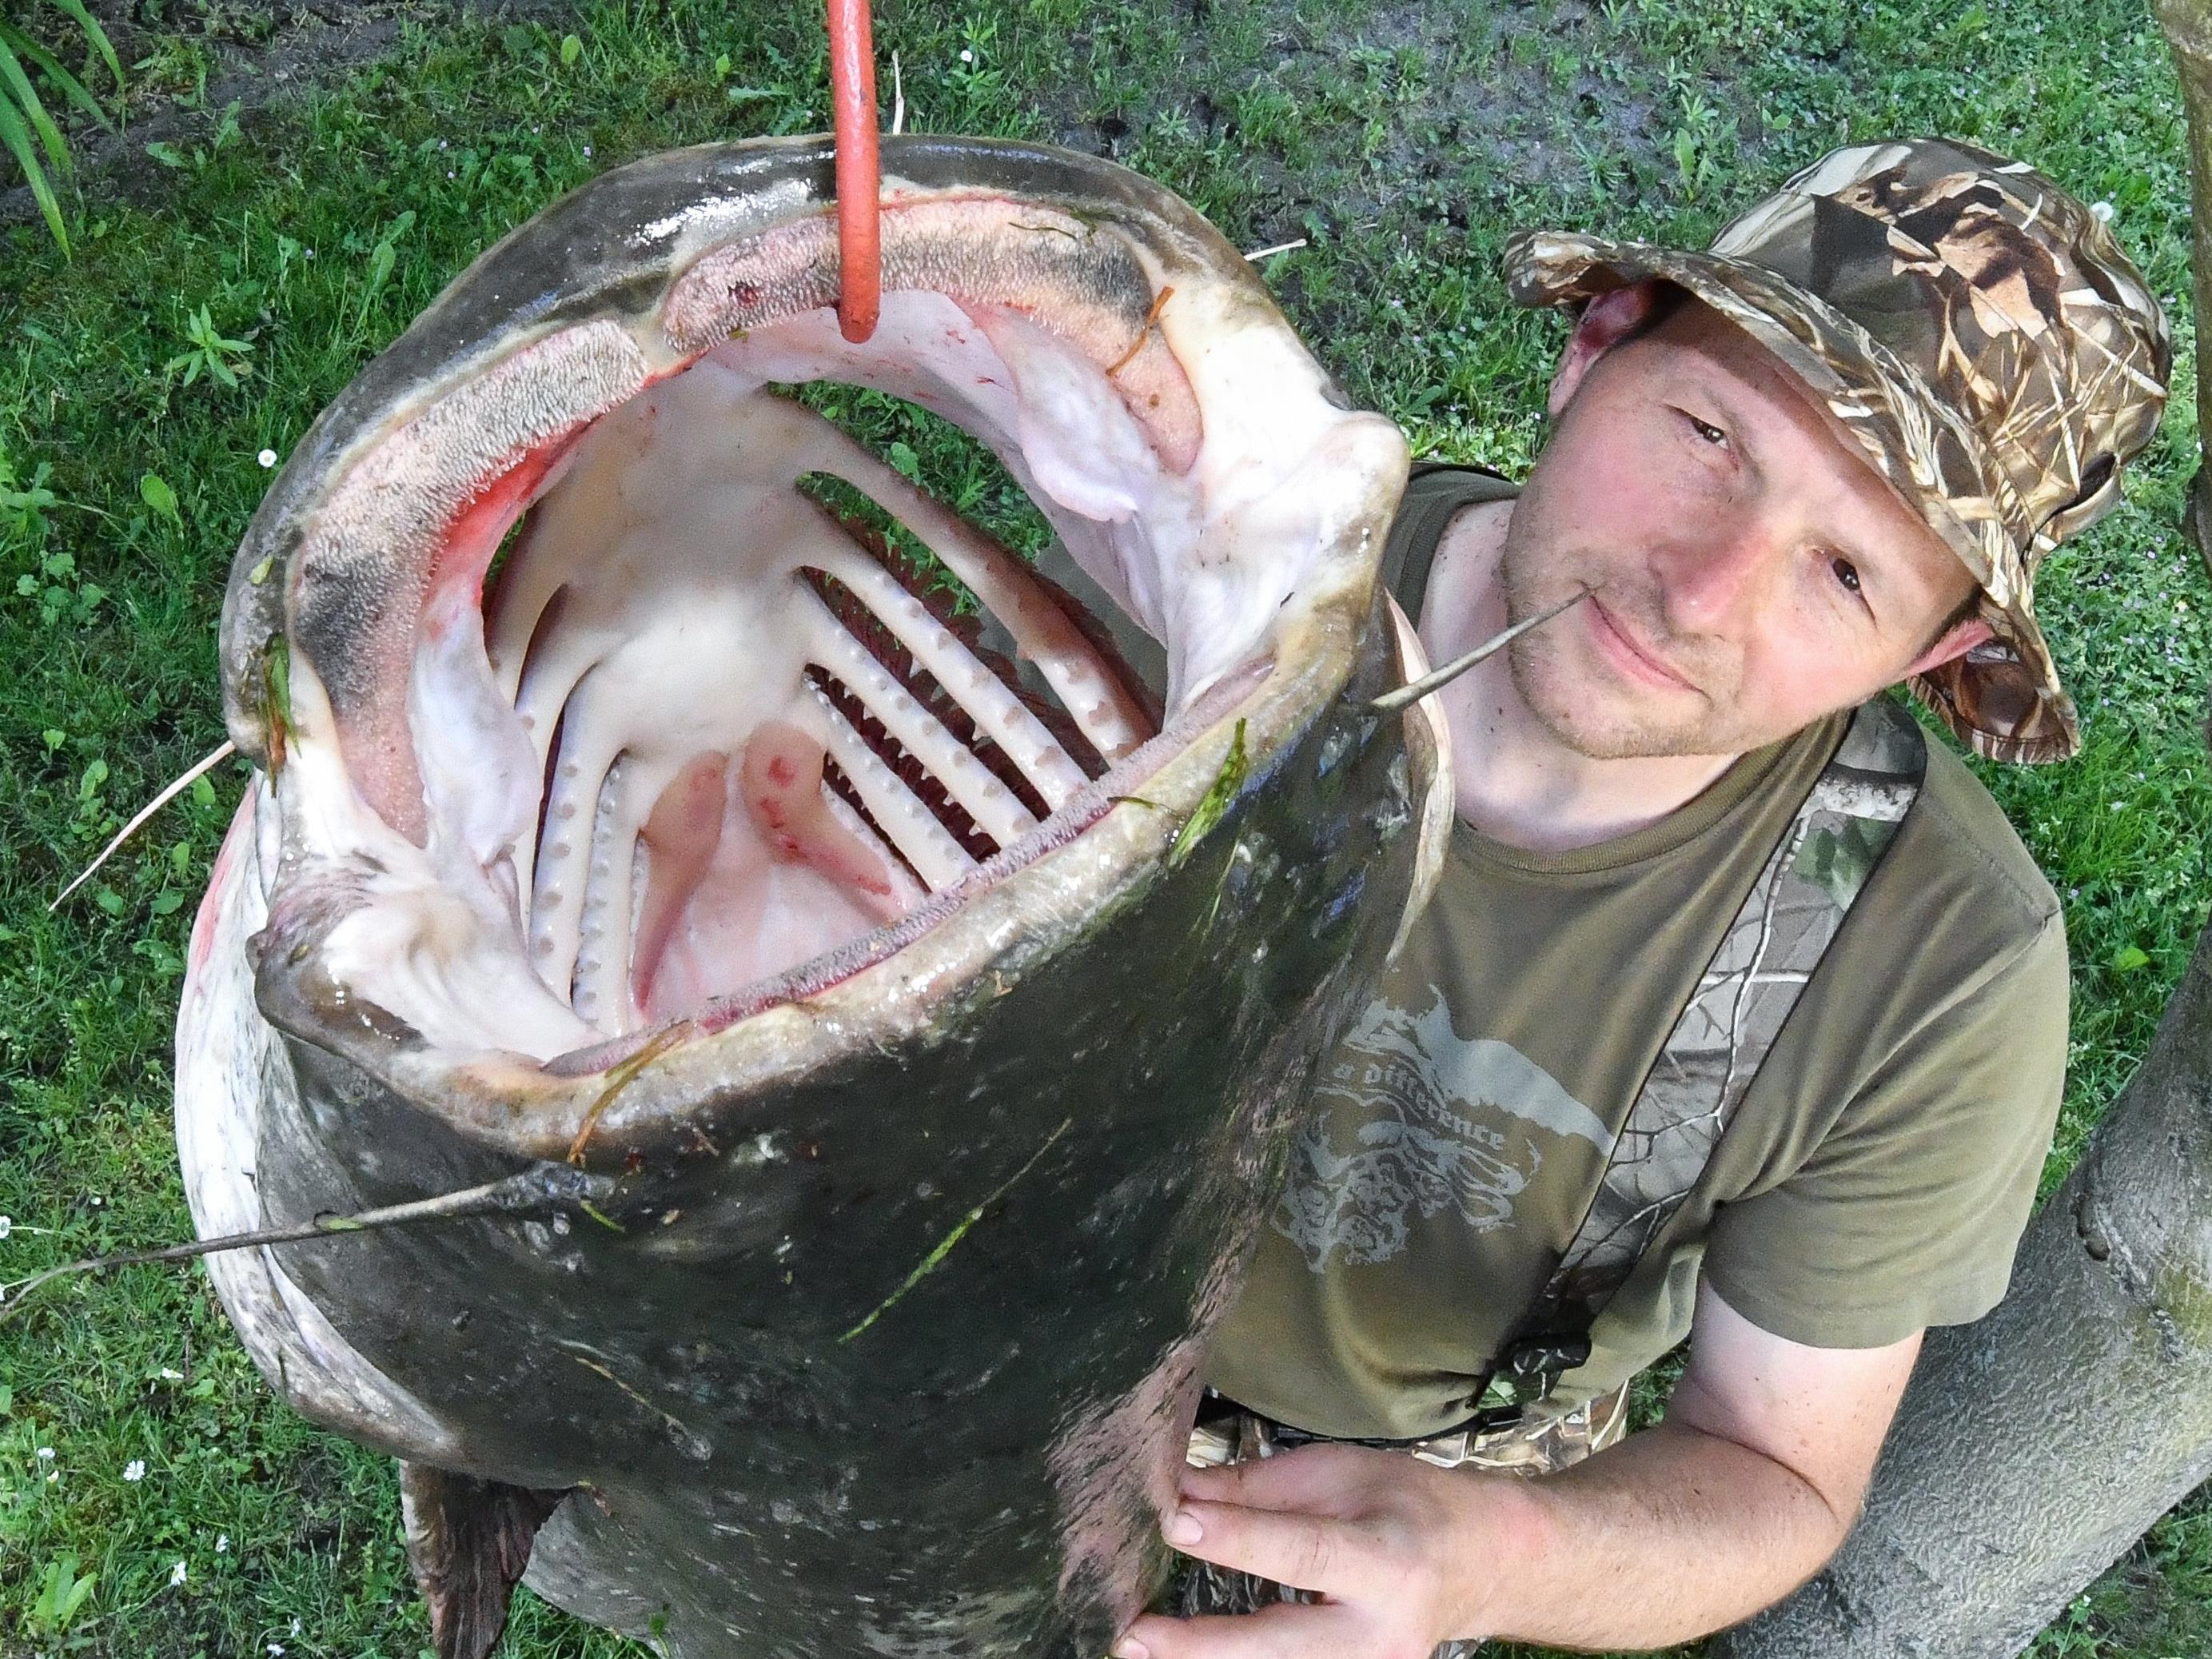 Der Fund im Bauch eines riesigen Wels schockte die Angler.